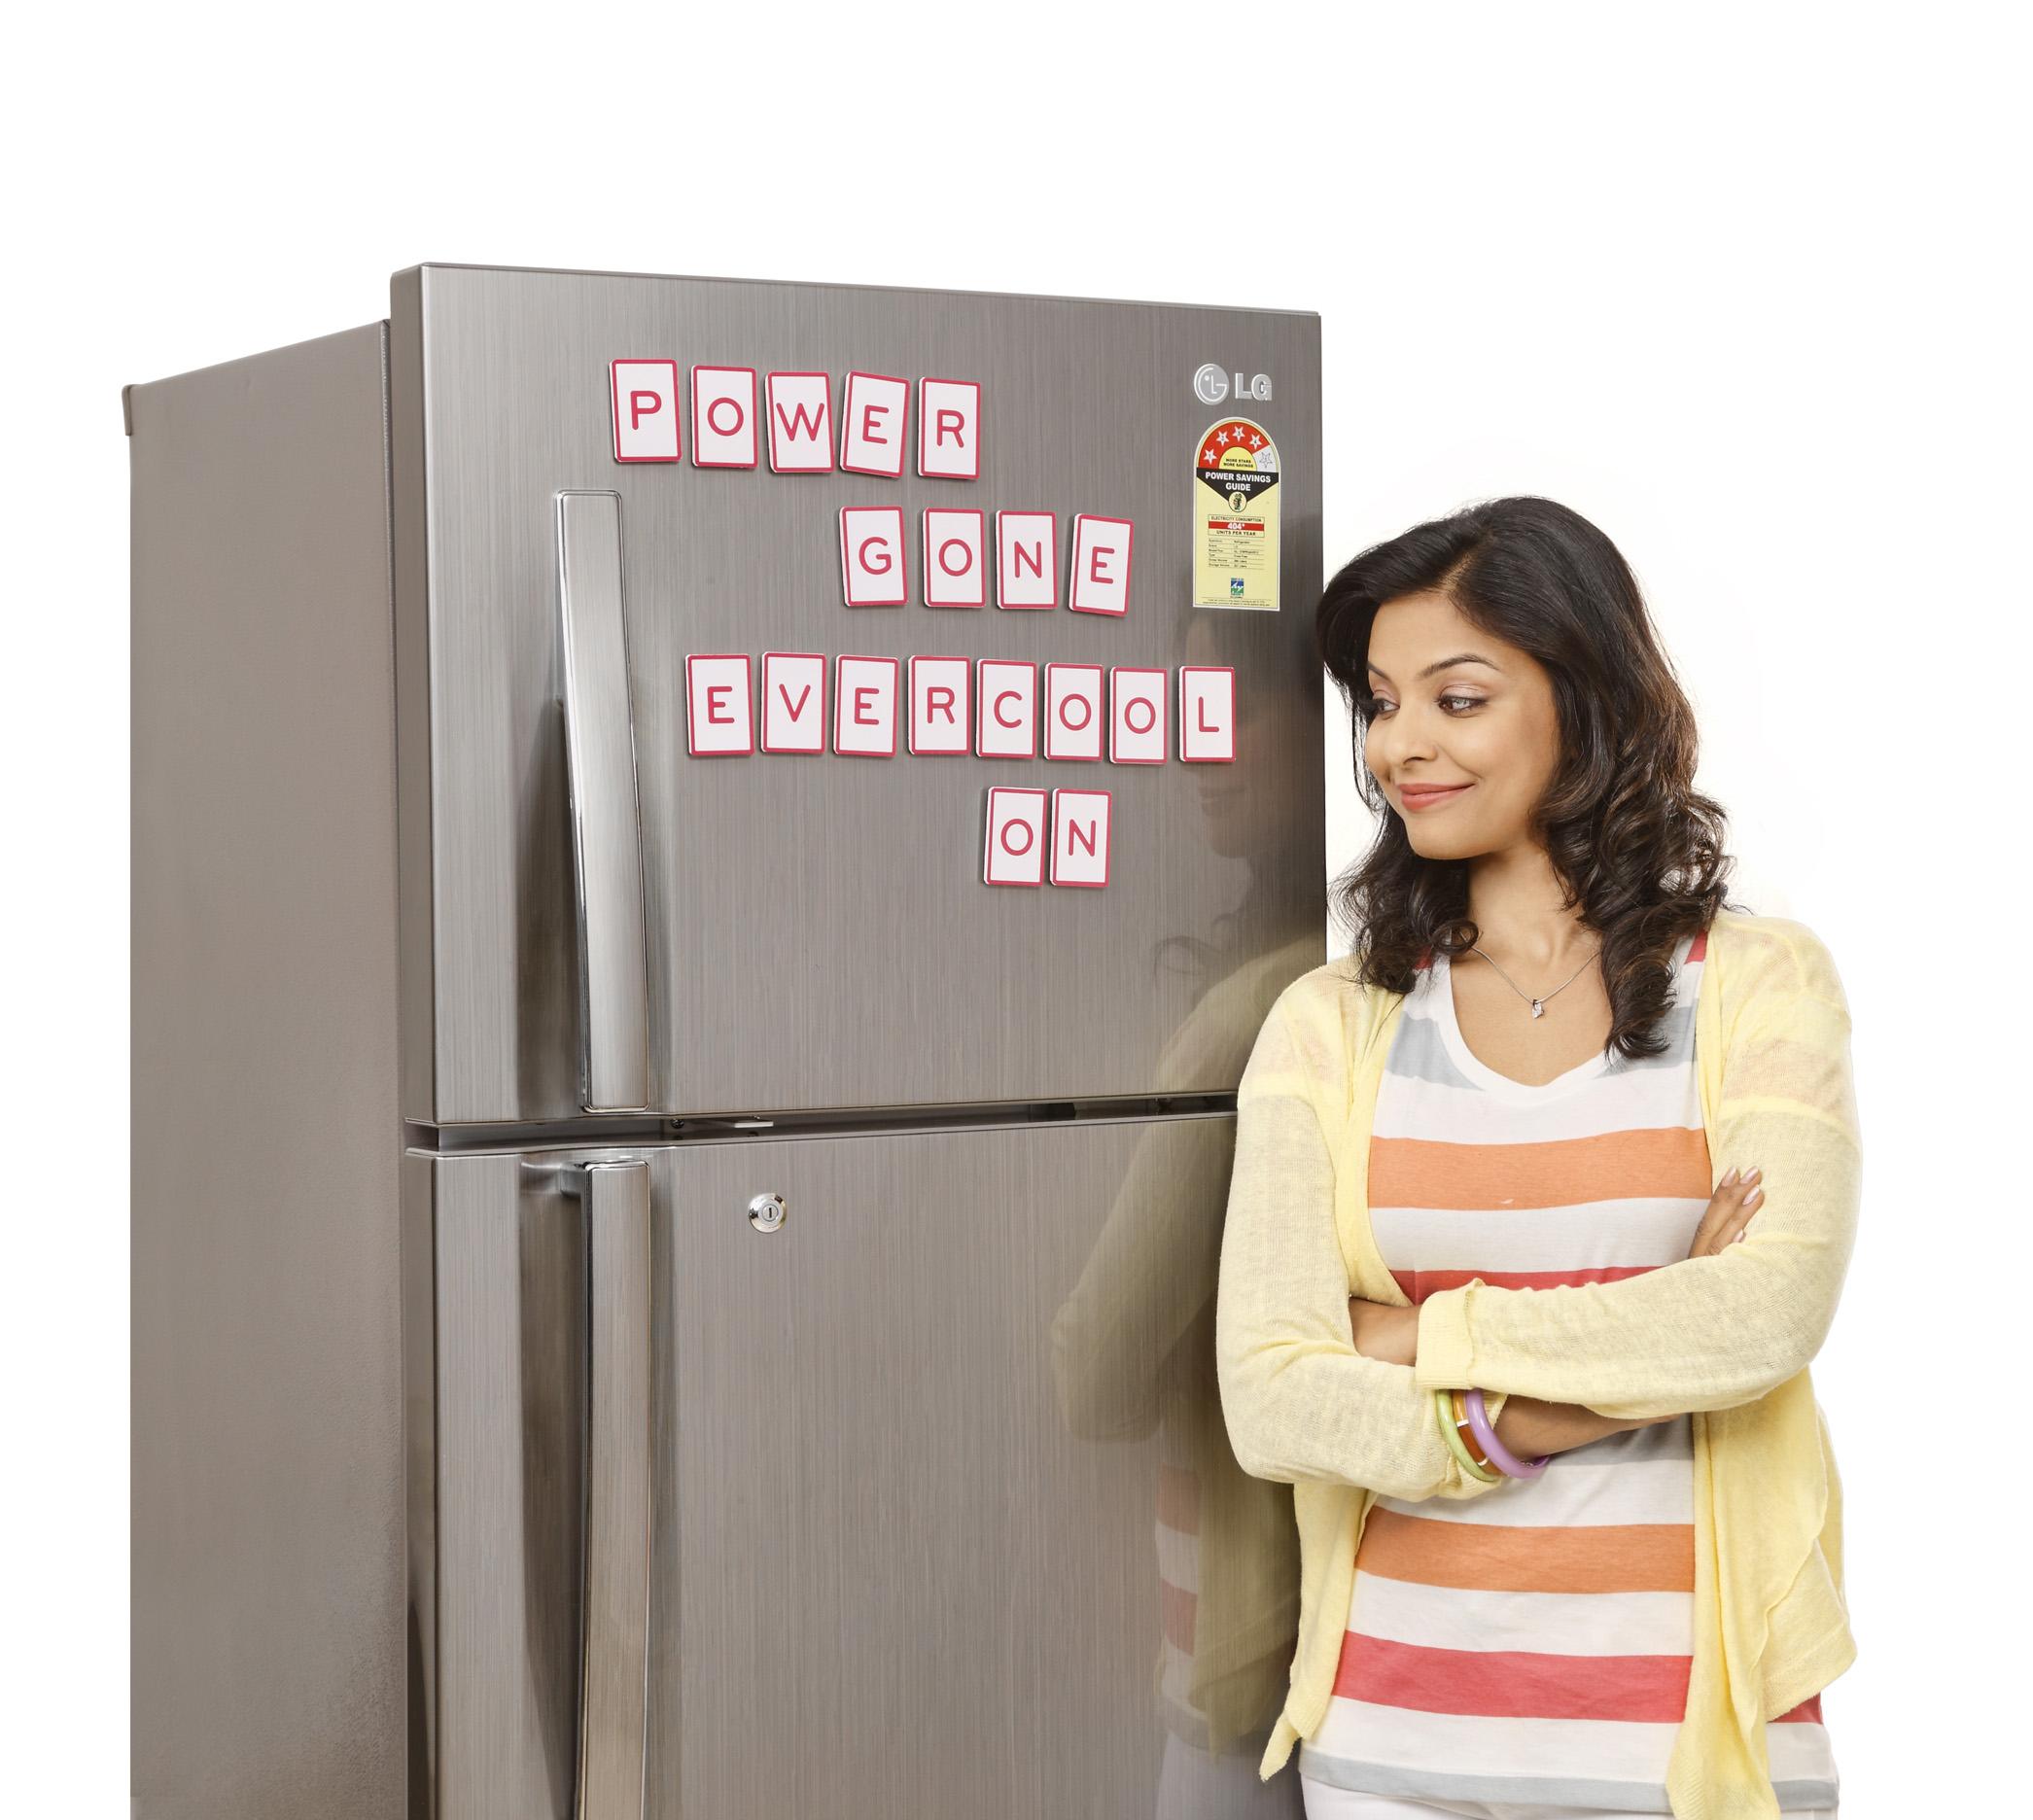 Tủ lạnh Panasonic bị kêu khắc phục ra sao?